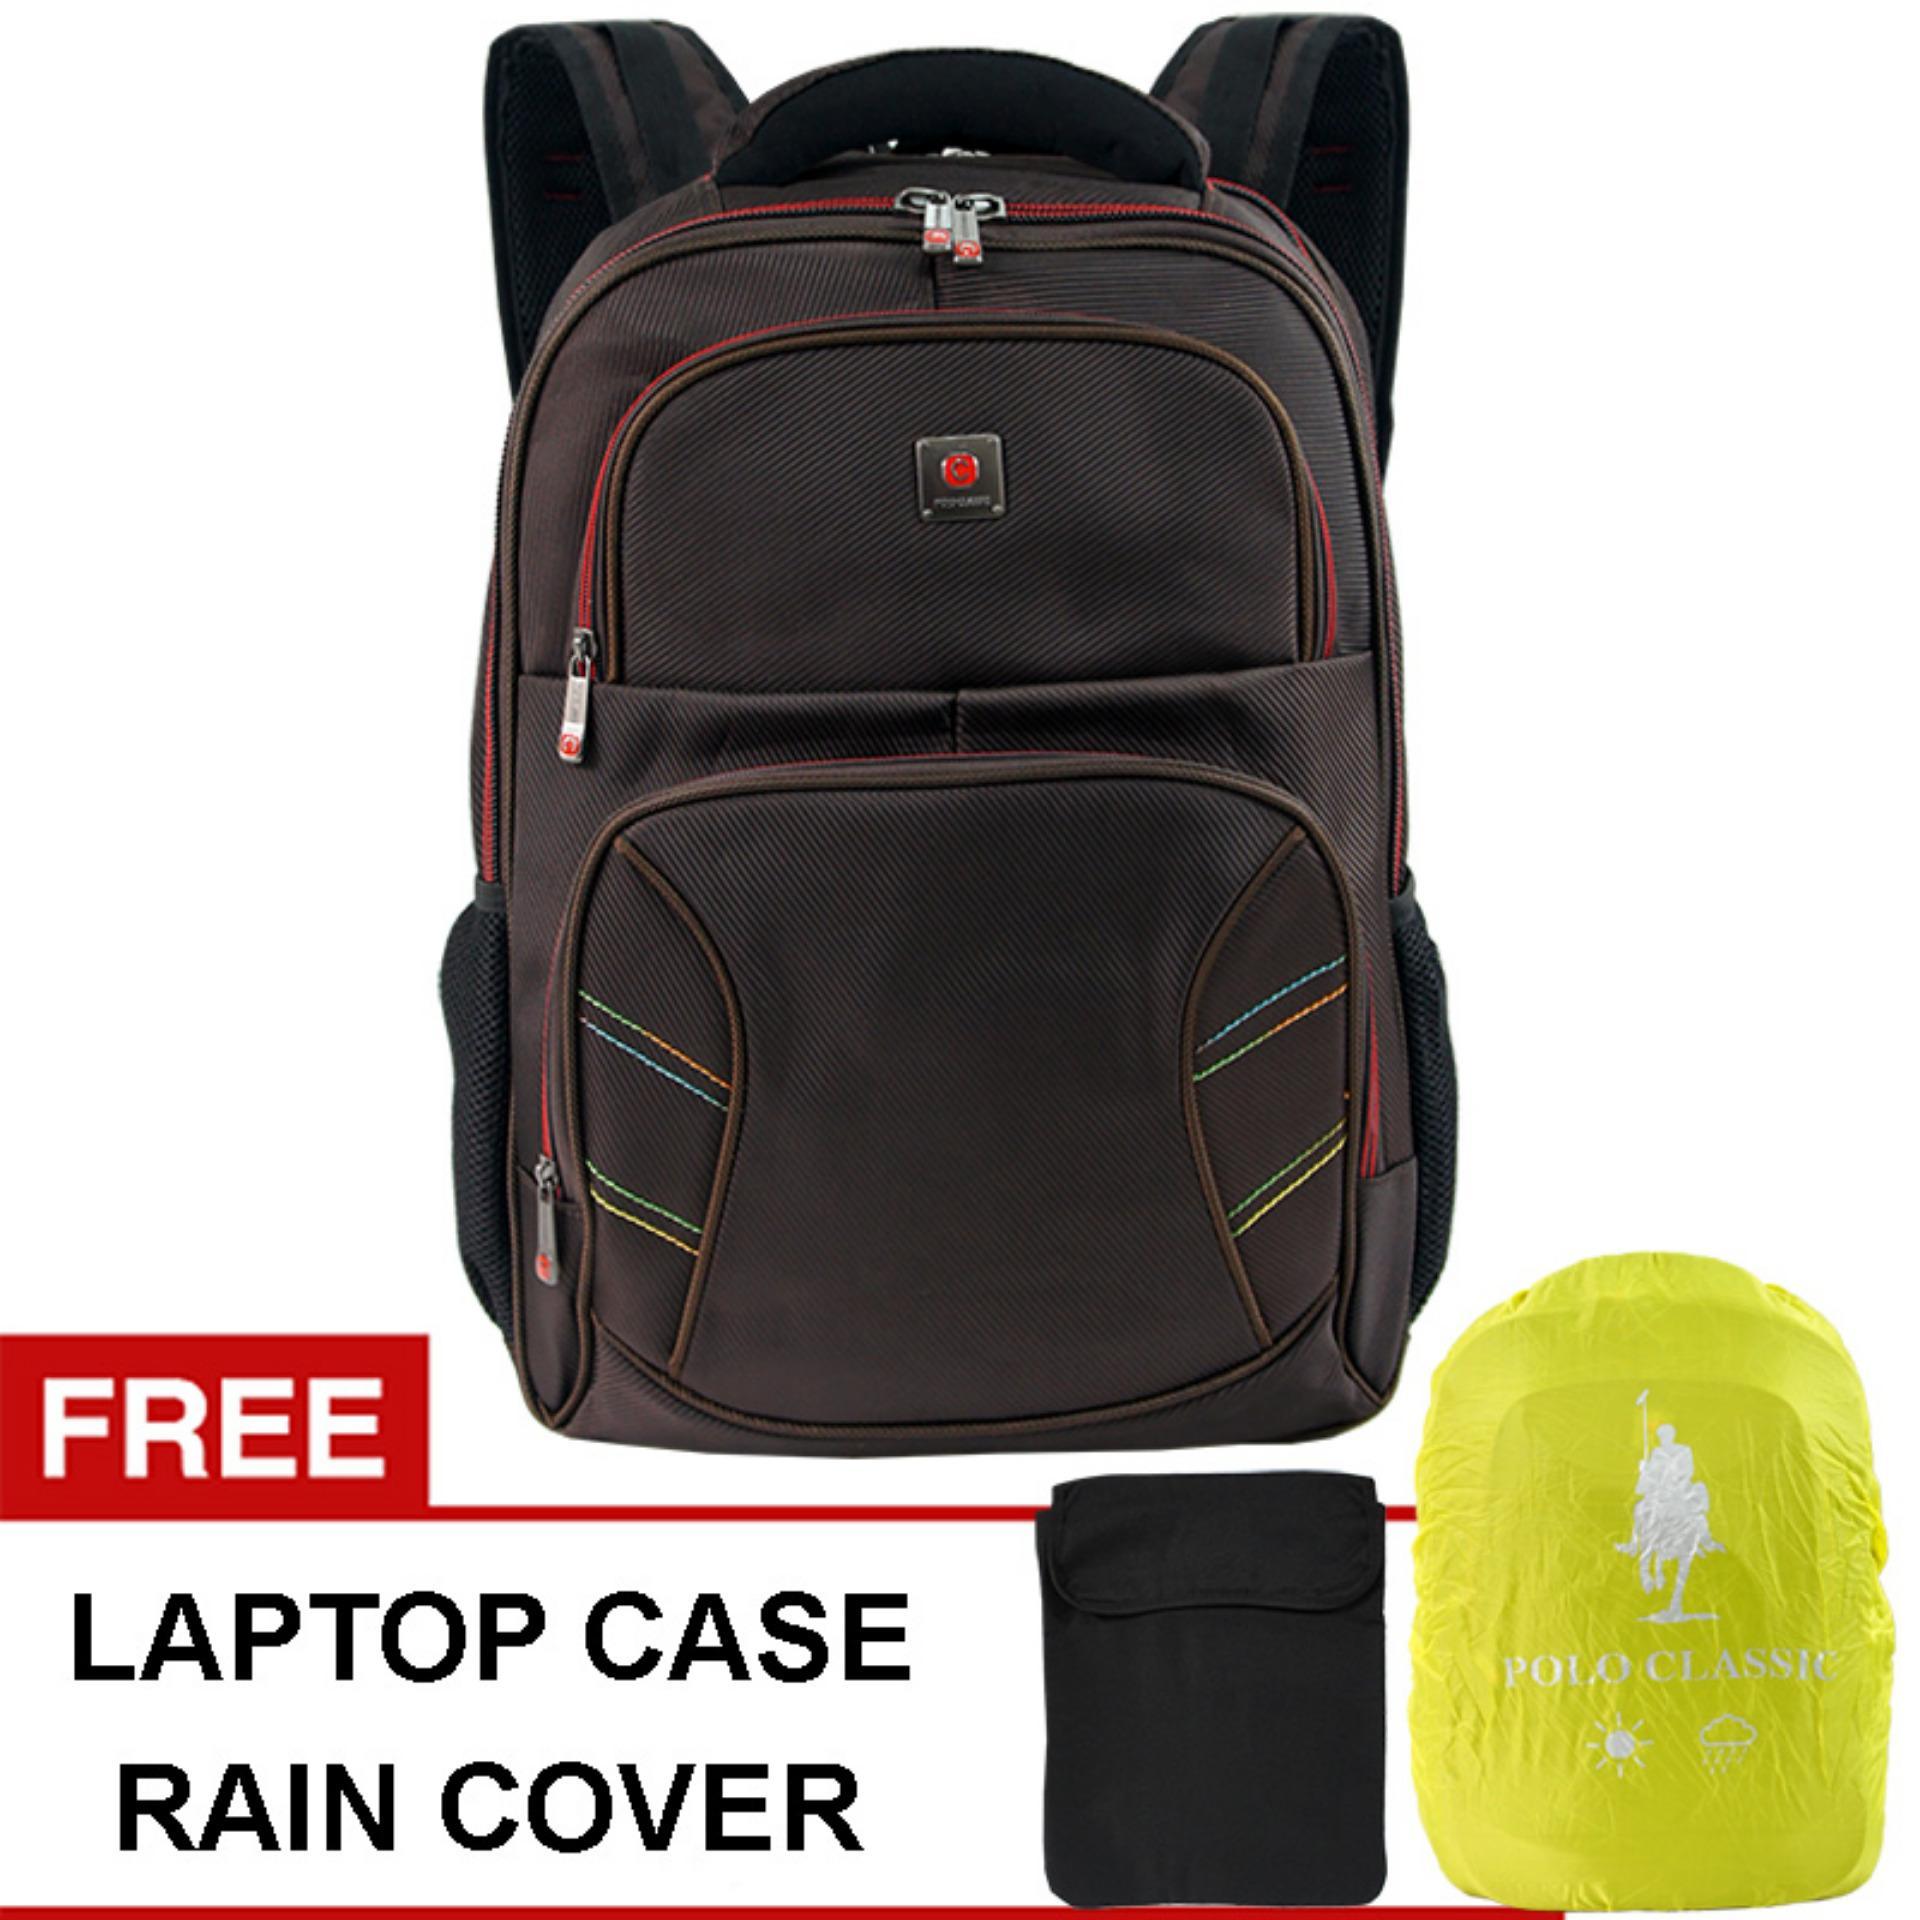 Beli Polo Classic 18077 21 Backpack Rain Cover Coffee Tas Ransel Tas Sekolah Tas Pria Tas Wanita Kredit